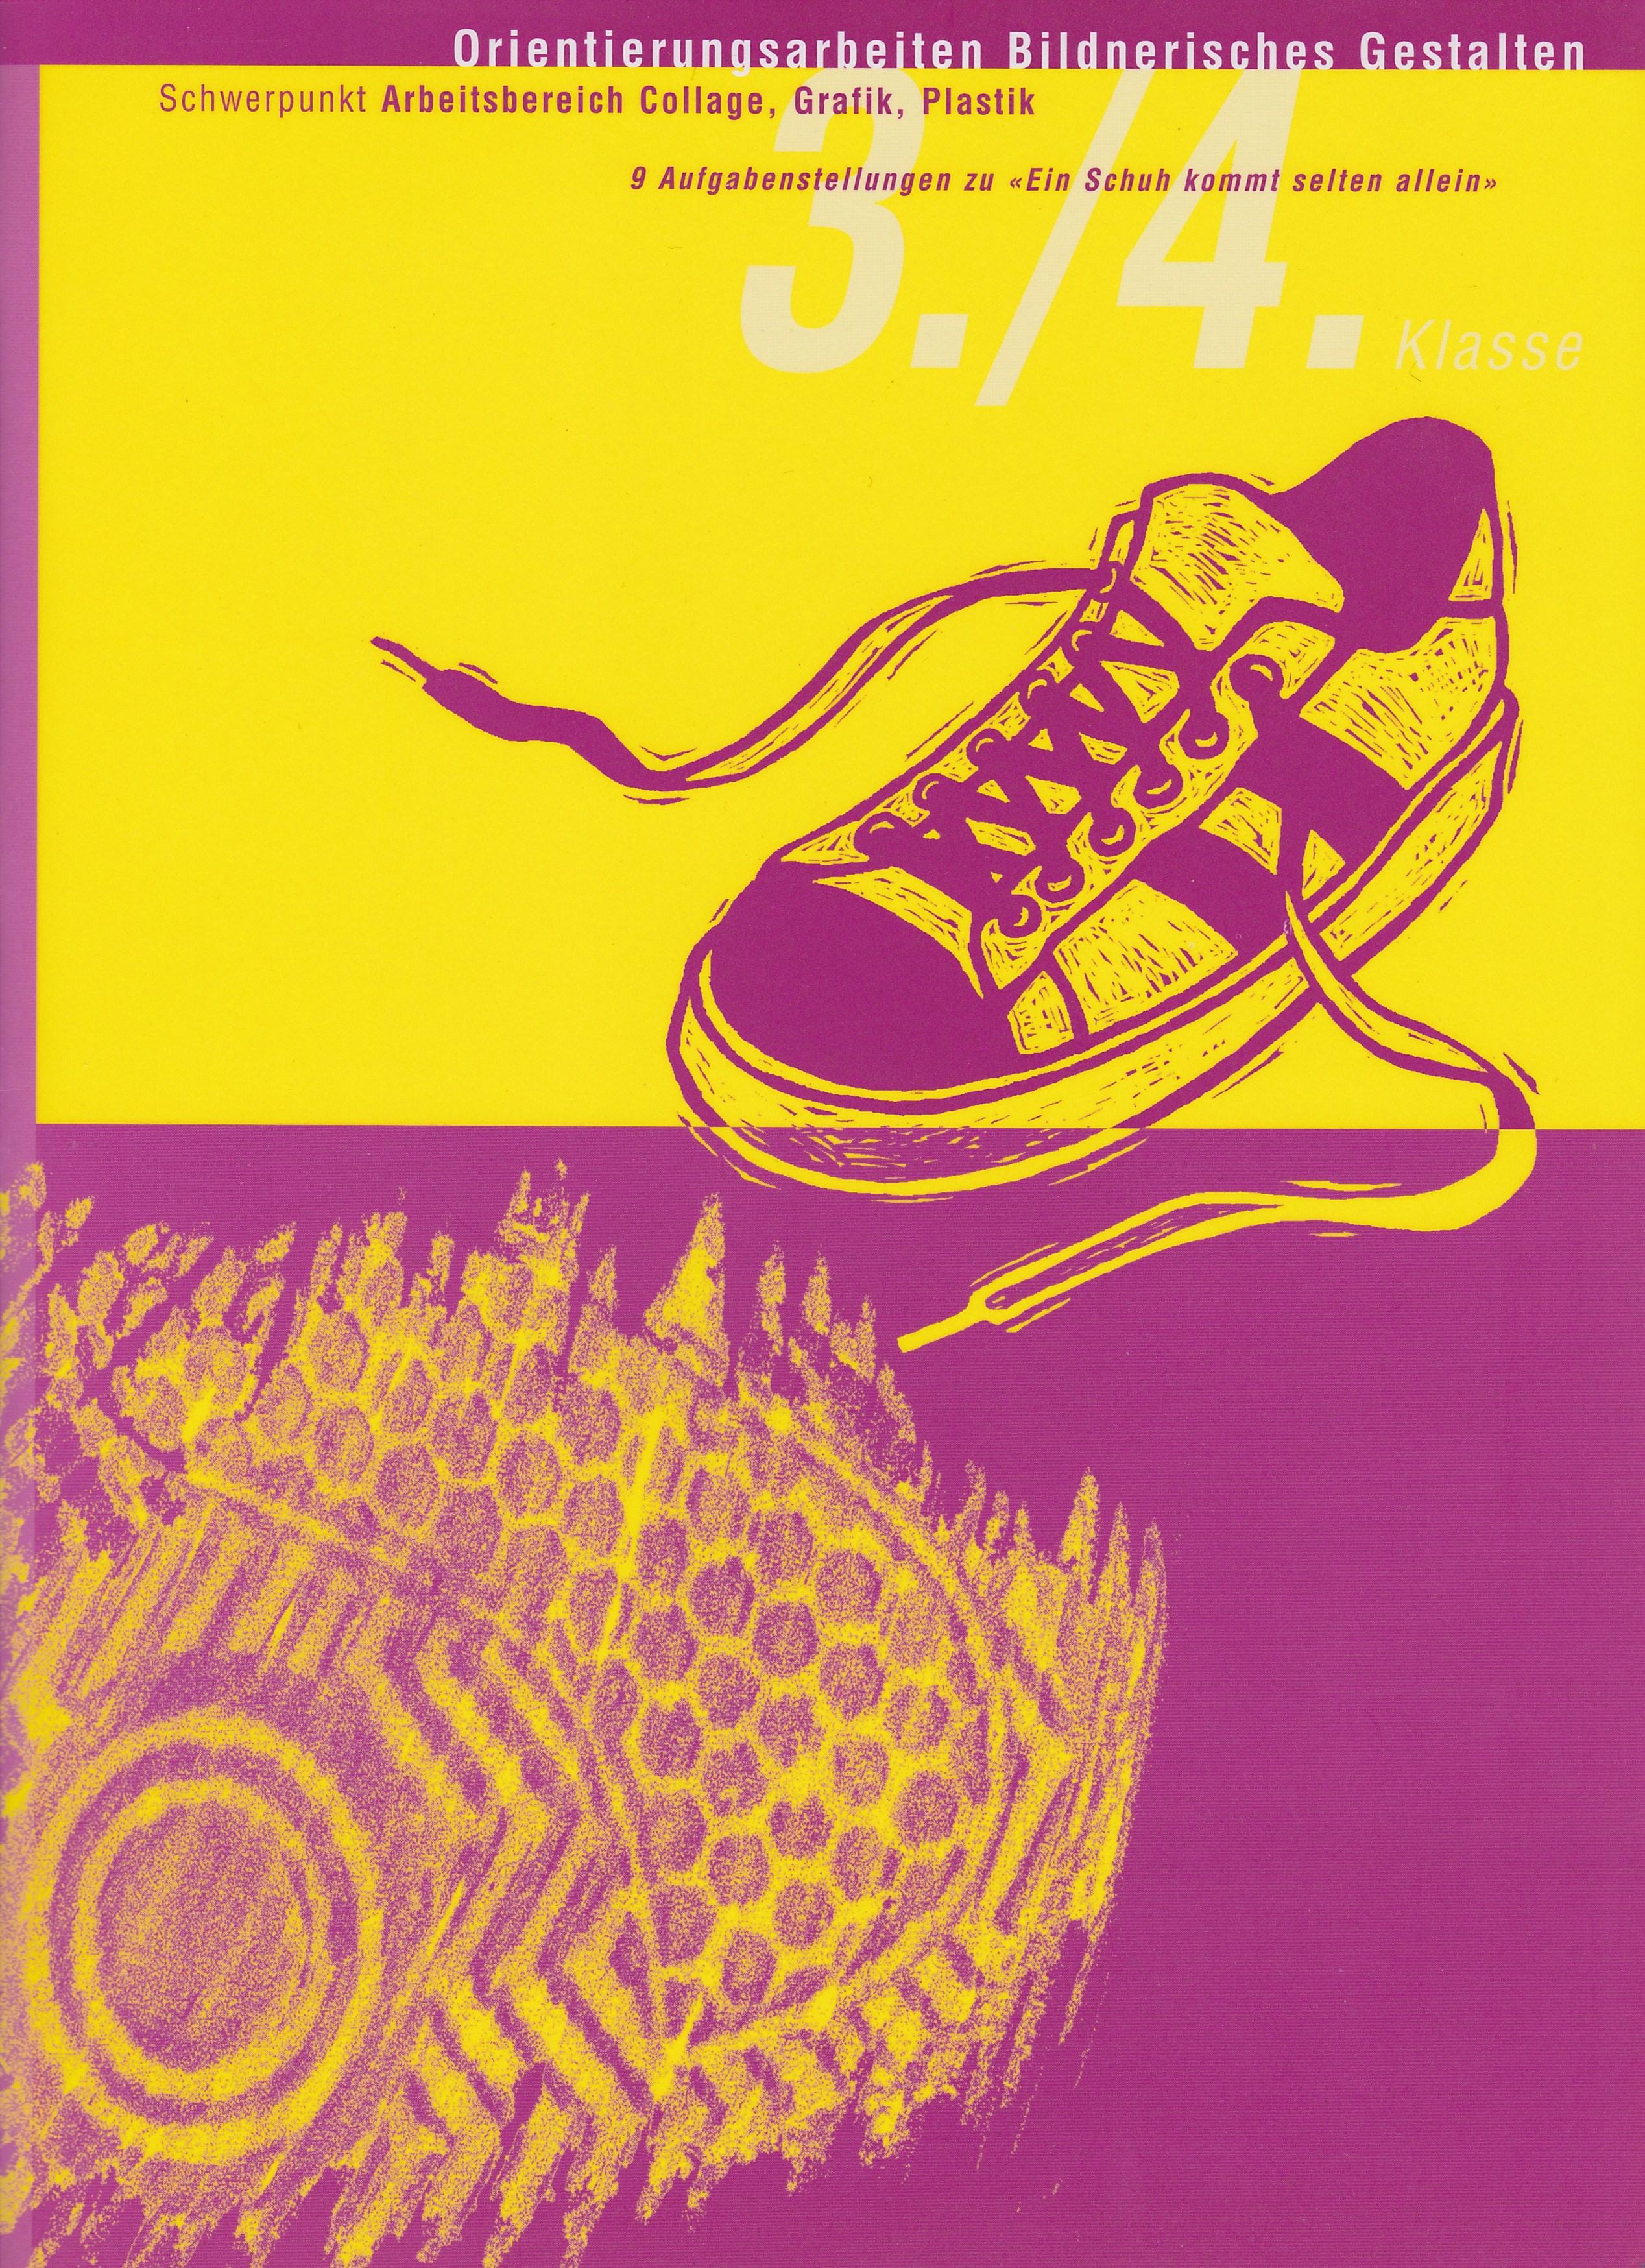 Preview image for LOM object Orientierungsarbeit Bildnerisches Gestalten 3/4: Ein Schuh kommt selten allein